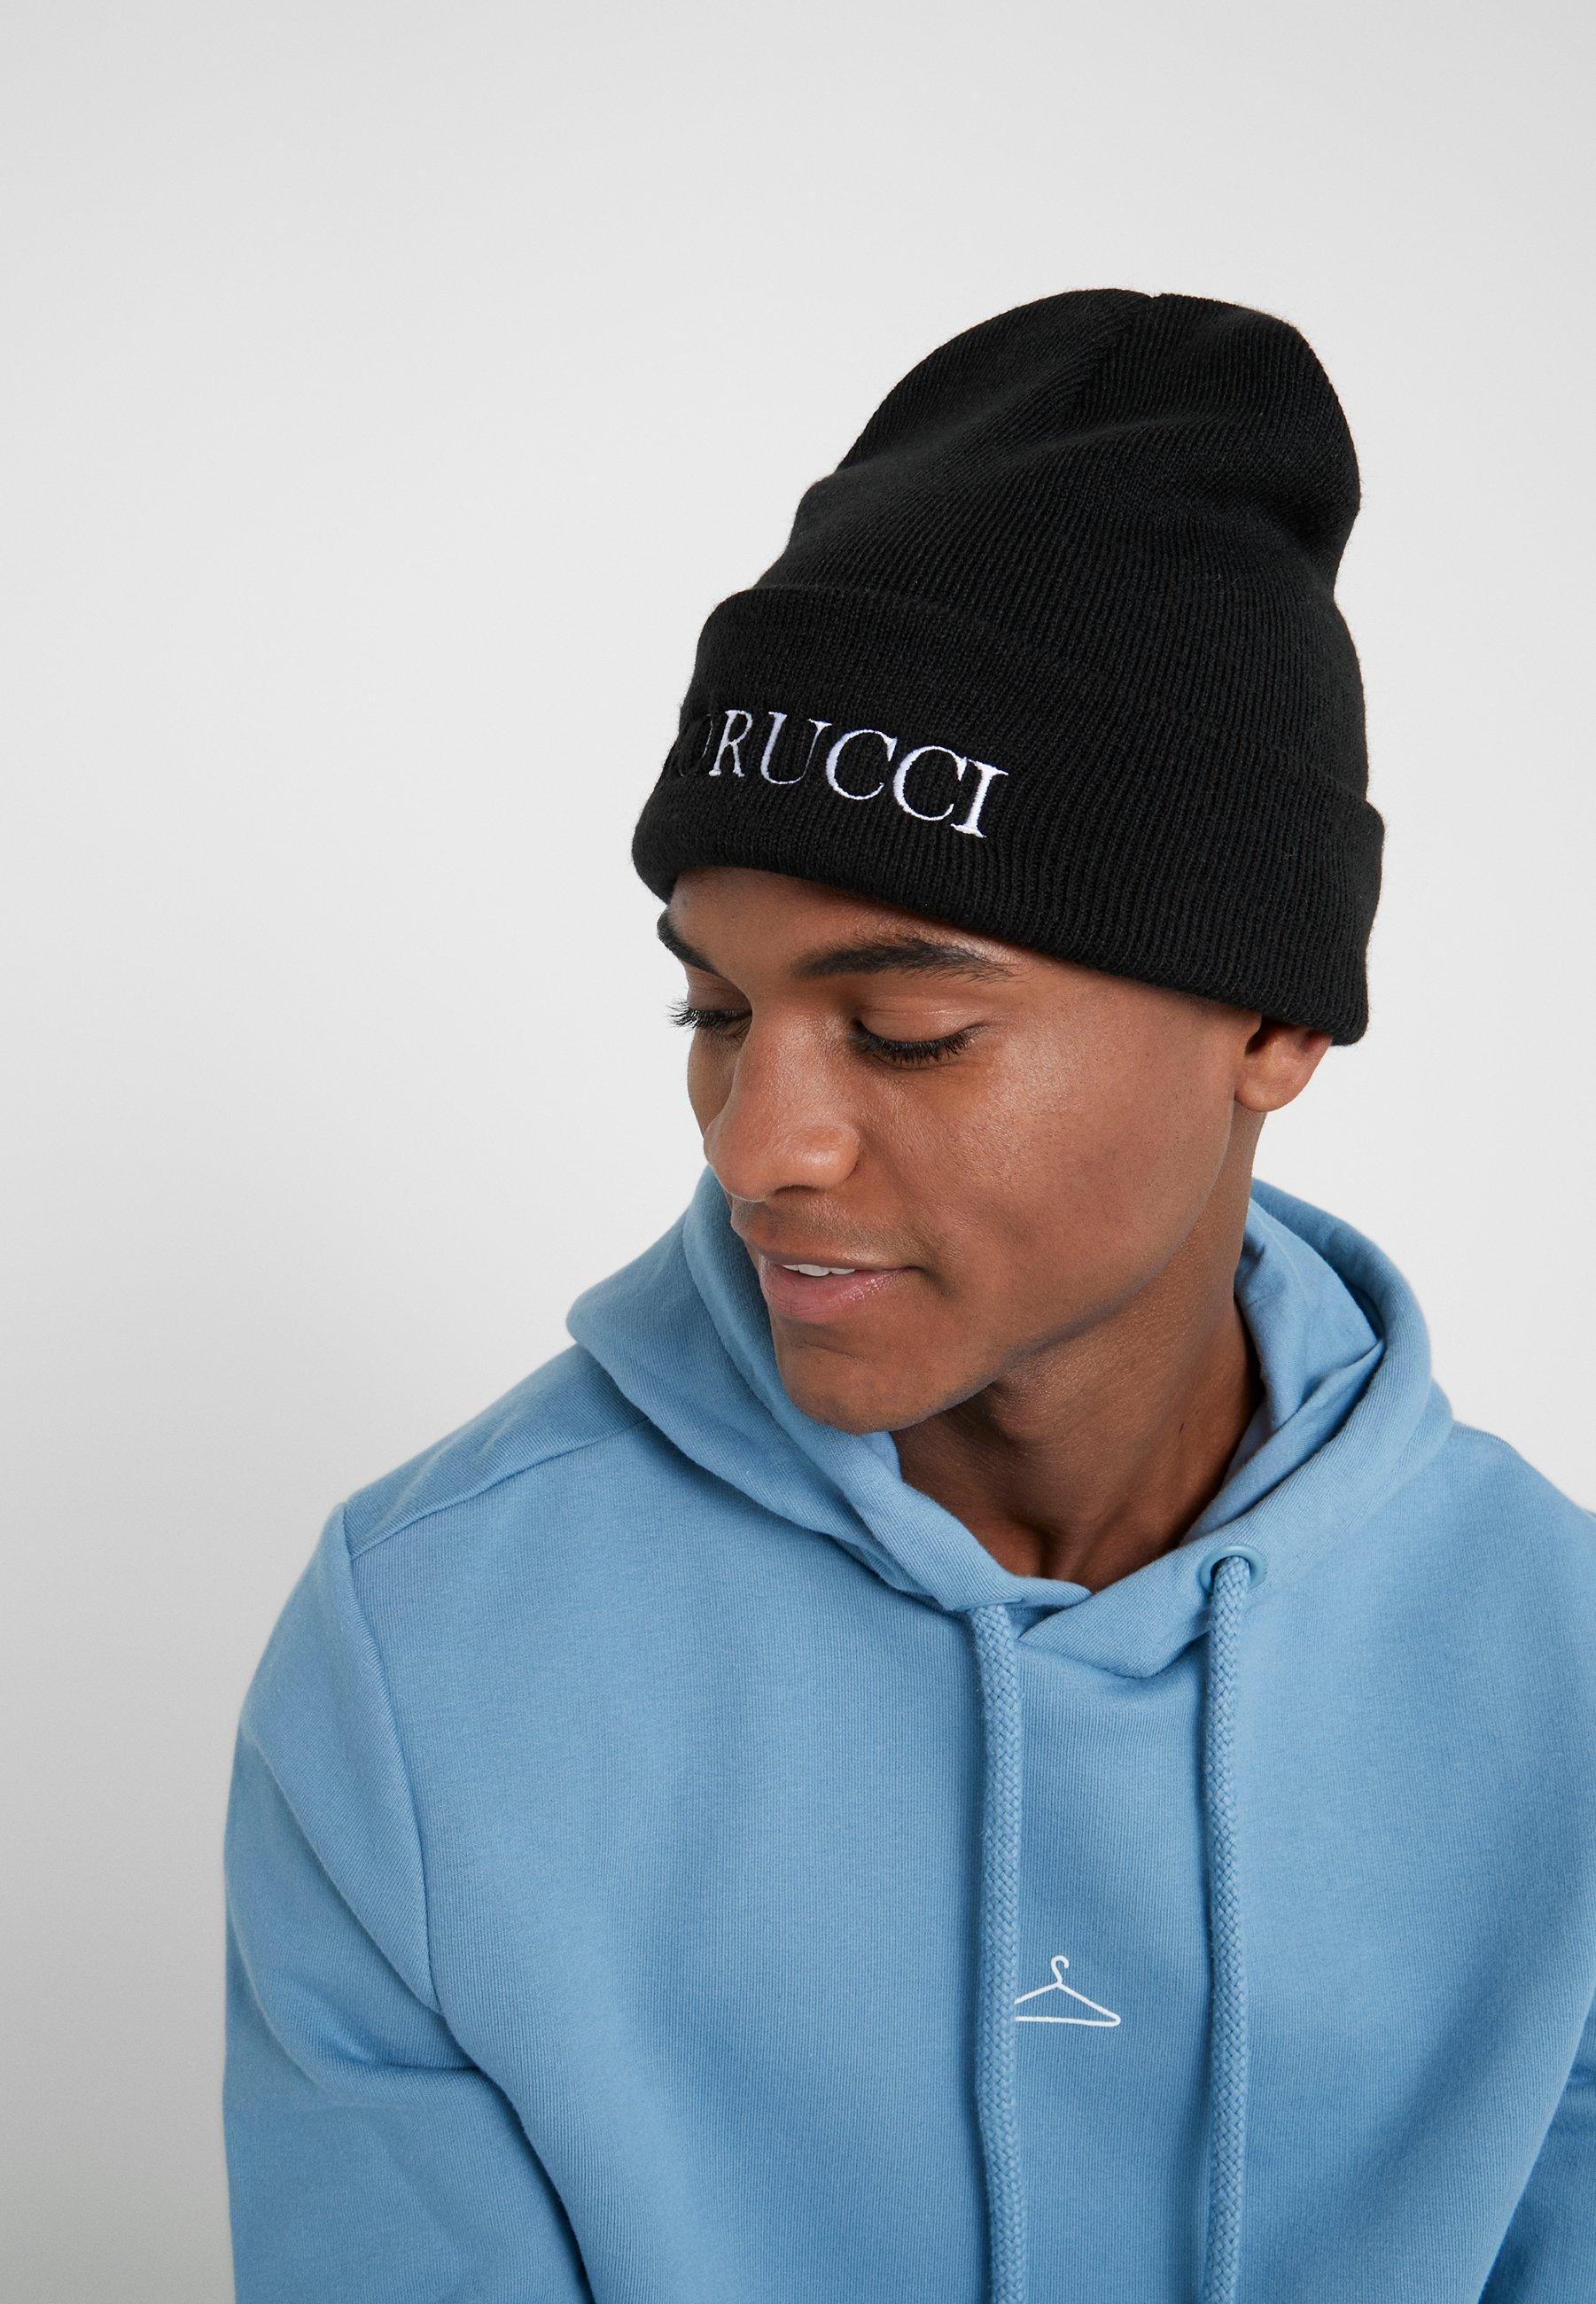 Fiorucci Beanie With Embroidered Logo - Mütze Black/schwarz